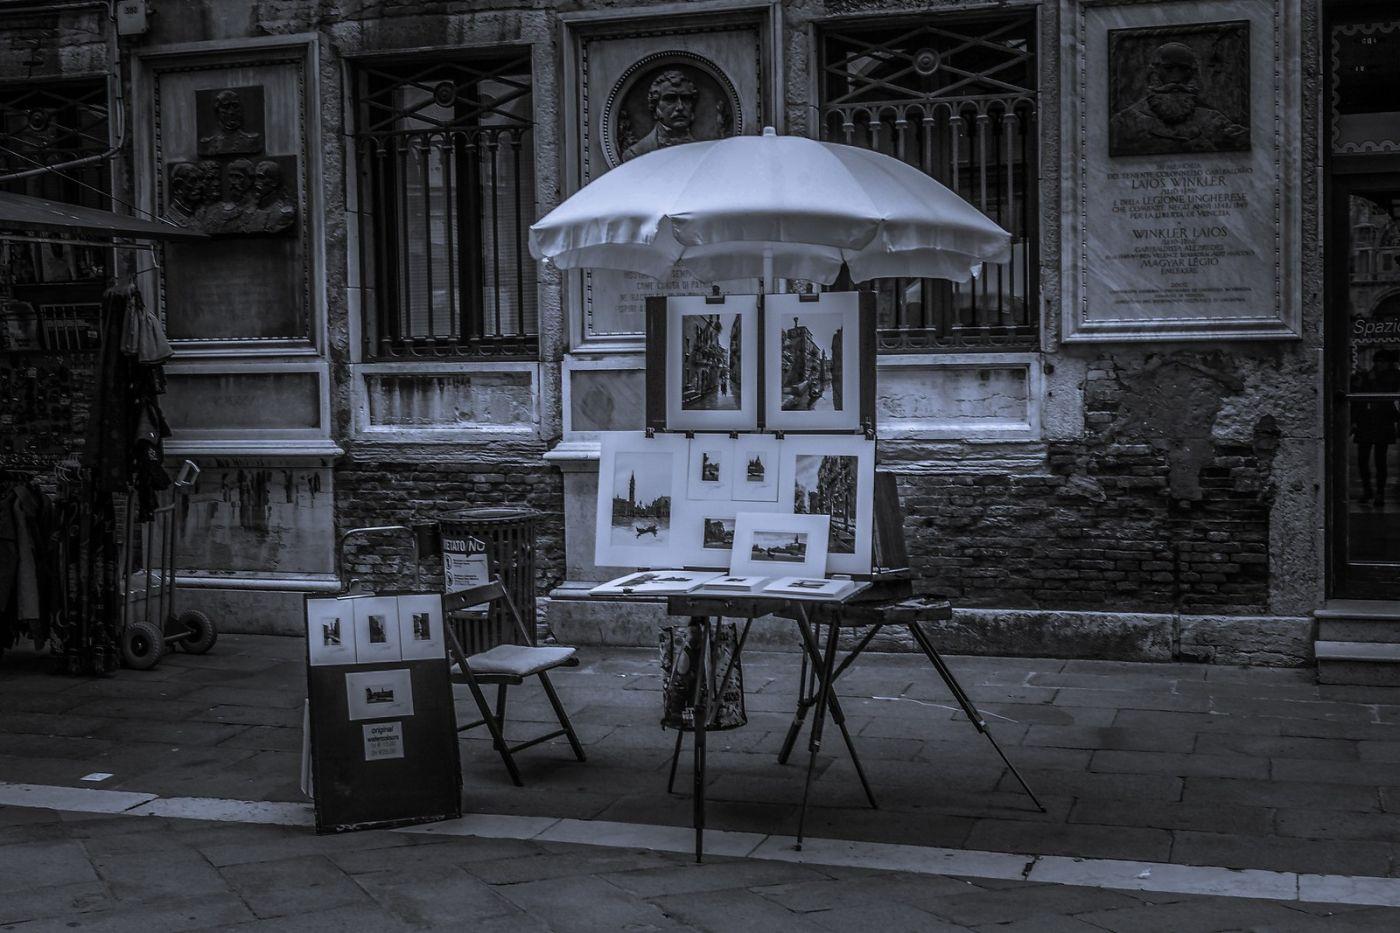 威尼斯圣马可广场(St Mark's Square), 独一无二_图1-7